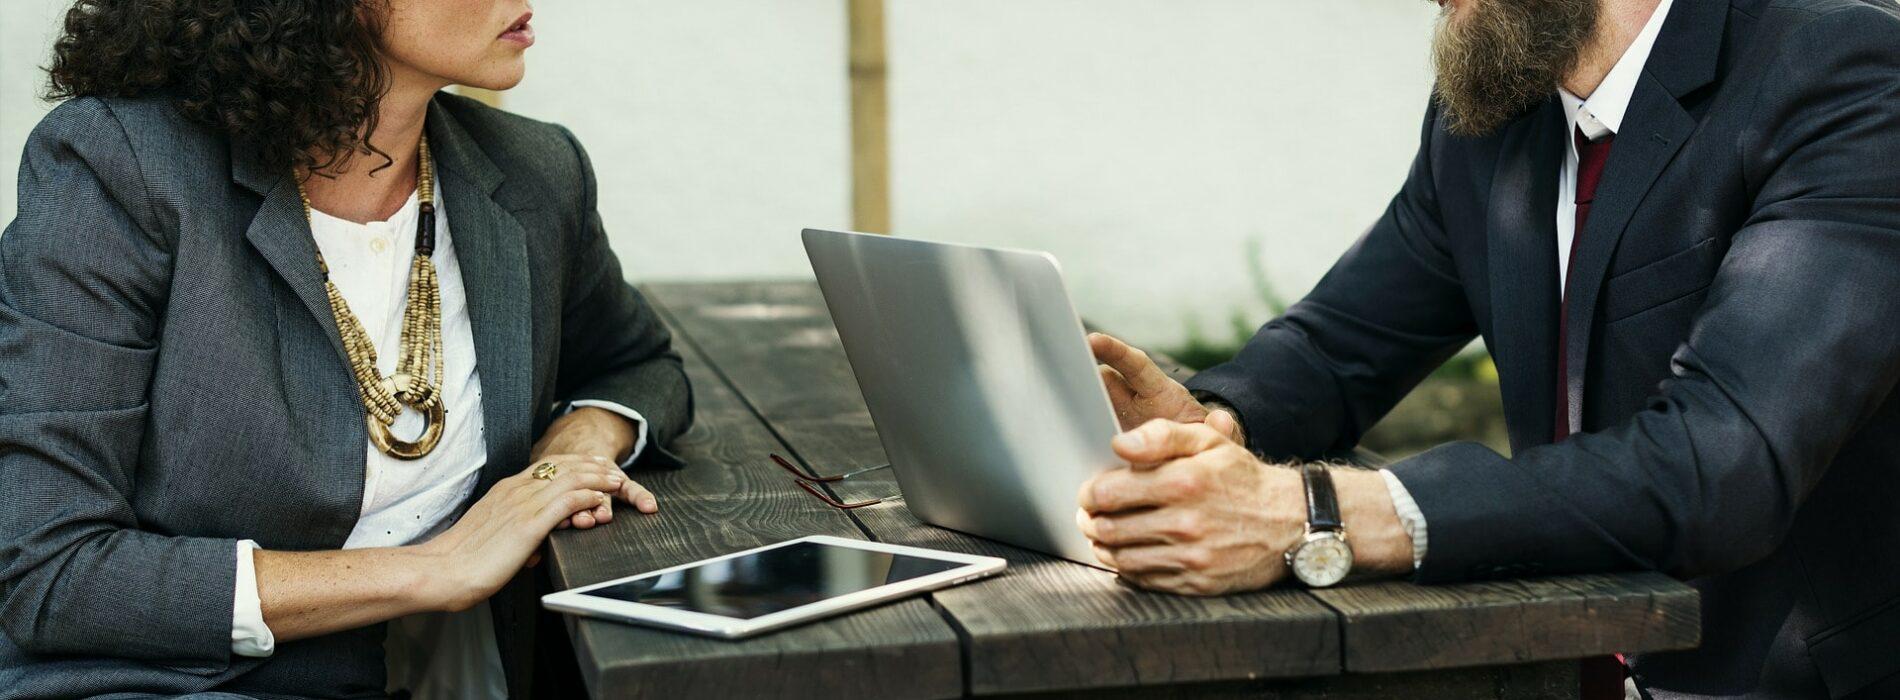 Планирование и личная дисциплина переговорщика